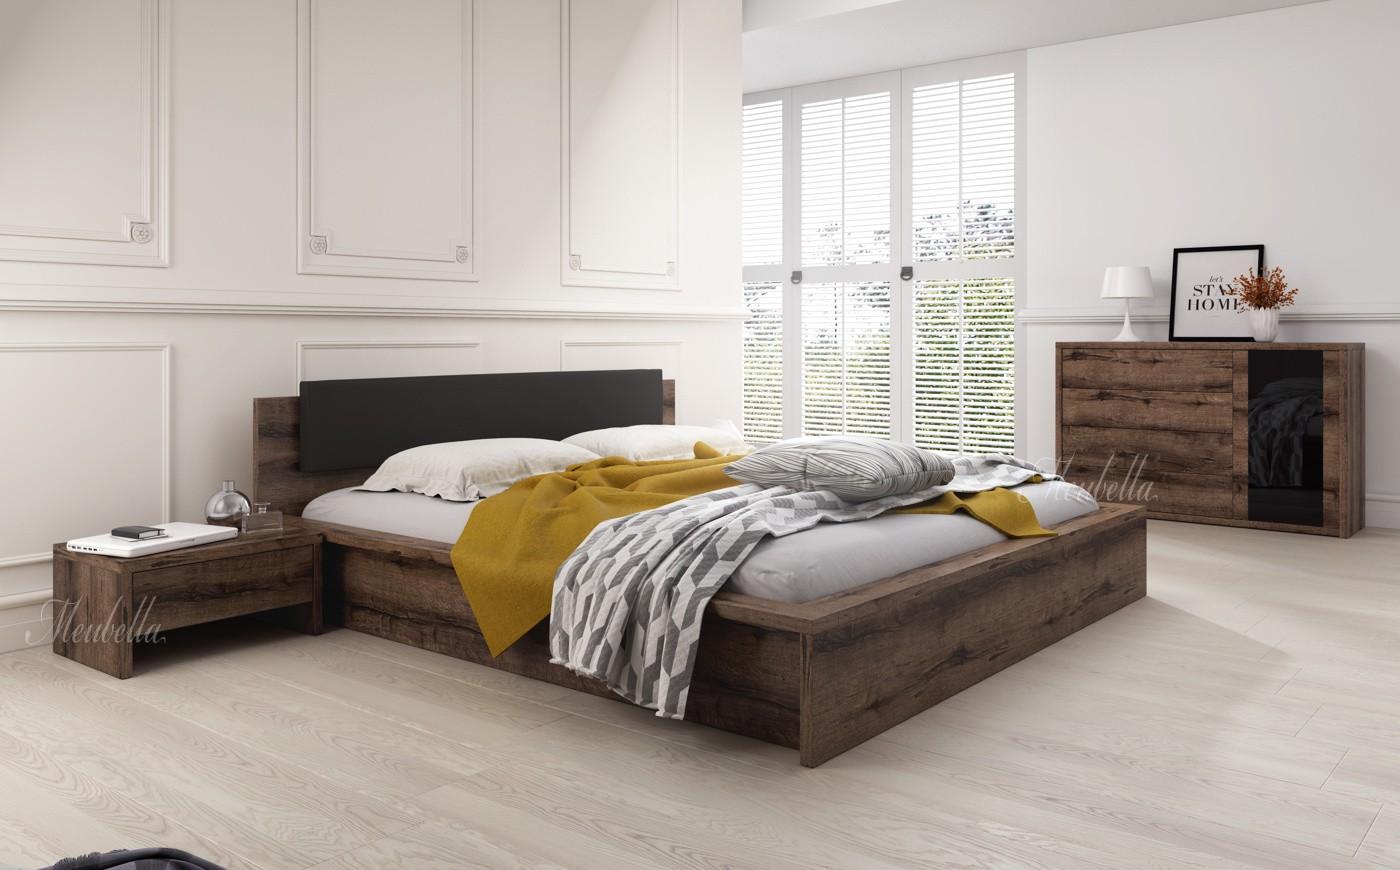 slaapkamer indigo 180 - eiken - zwart - klein - actie | meubella, Deco ideeën